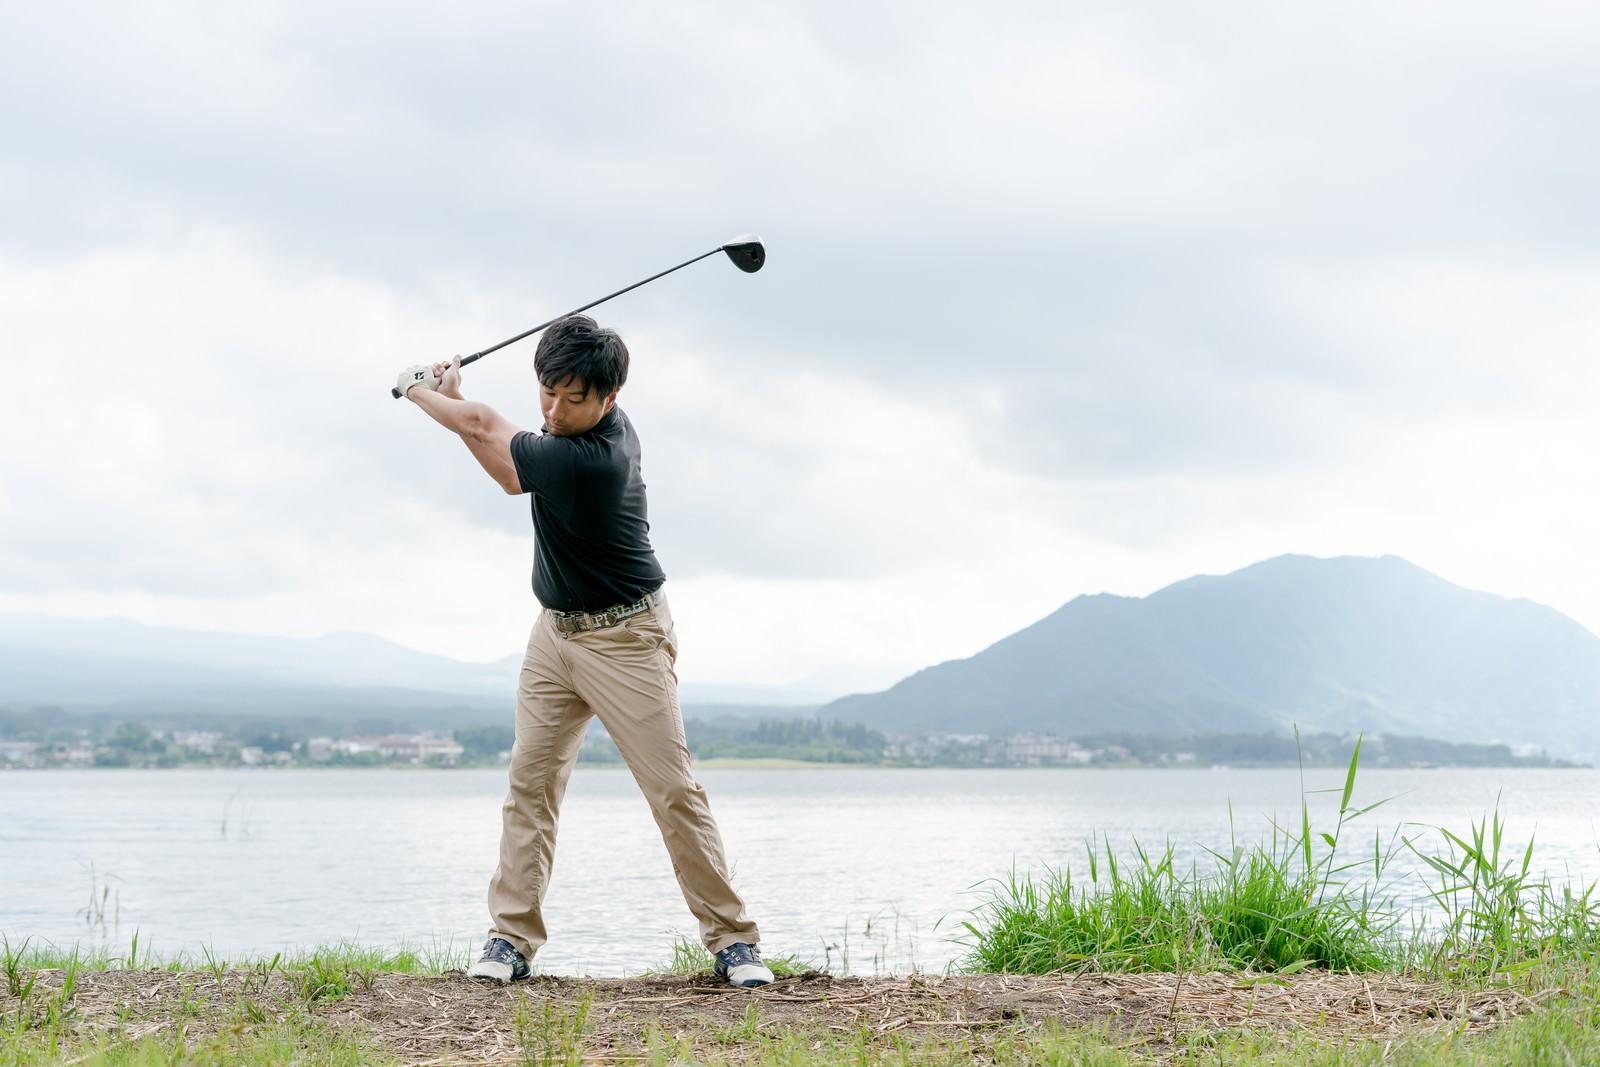 「ゴルファーの理想のバックスイング | 写真の無料素材・フリー素材 - ぱくたそ」の写真[モデル:サカモトリョウ]